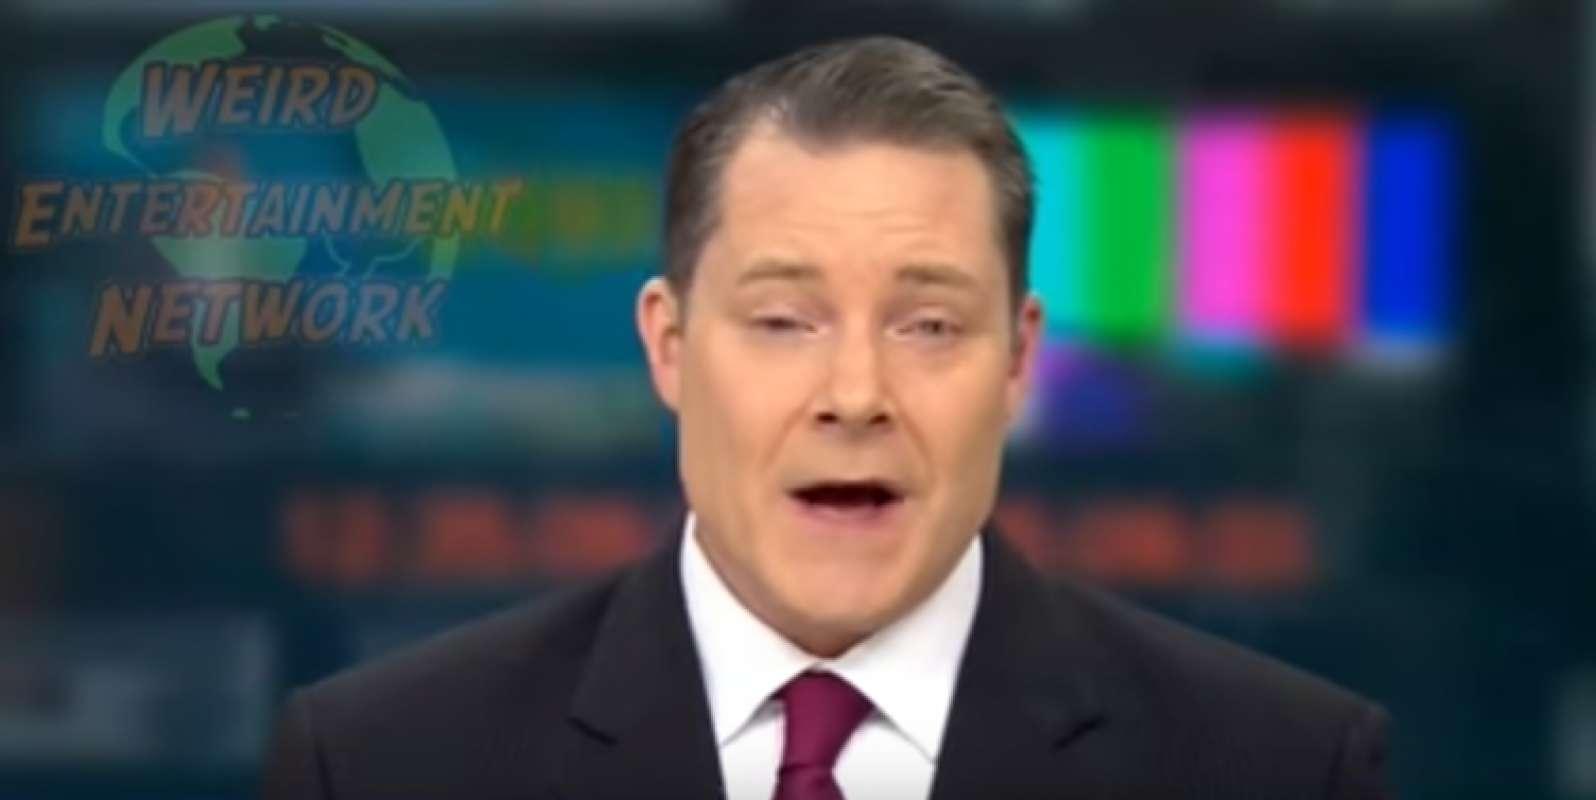 Невиданное видео: В США ведущий новостей оказался «инопланетным существом»